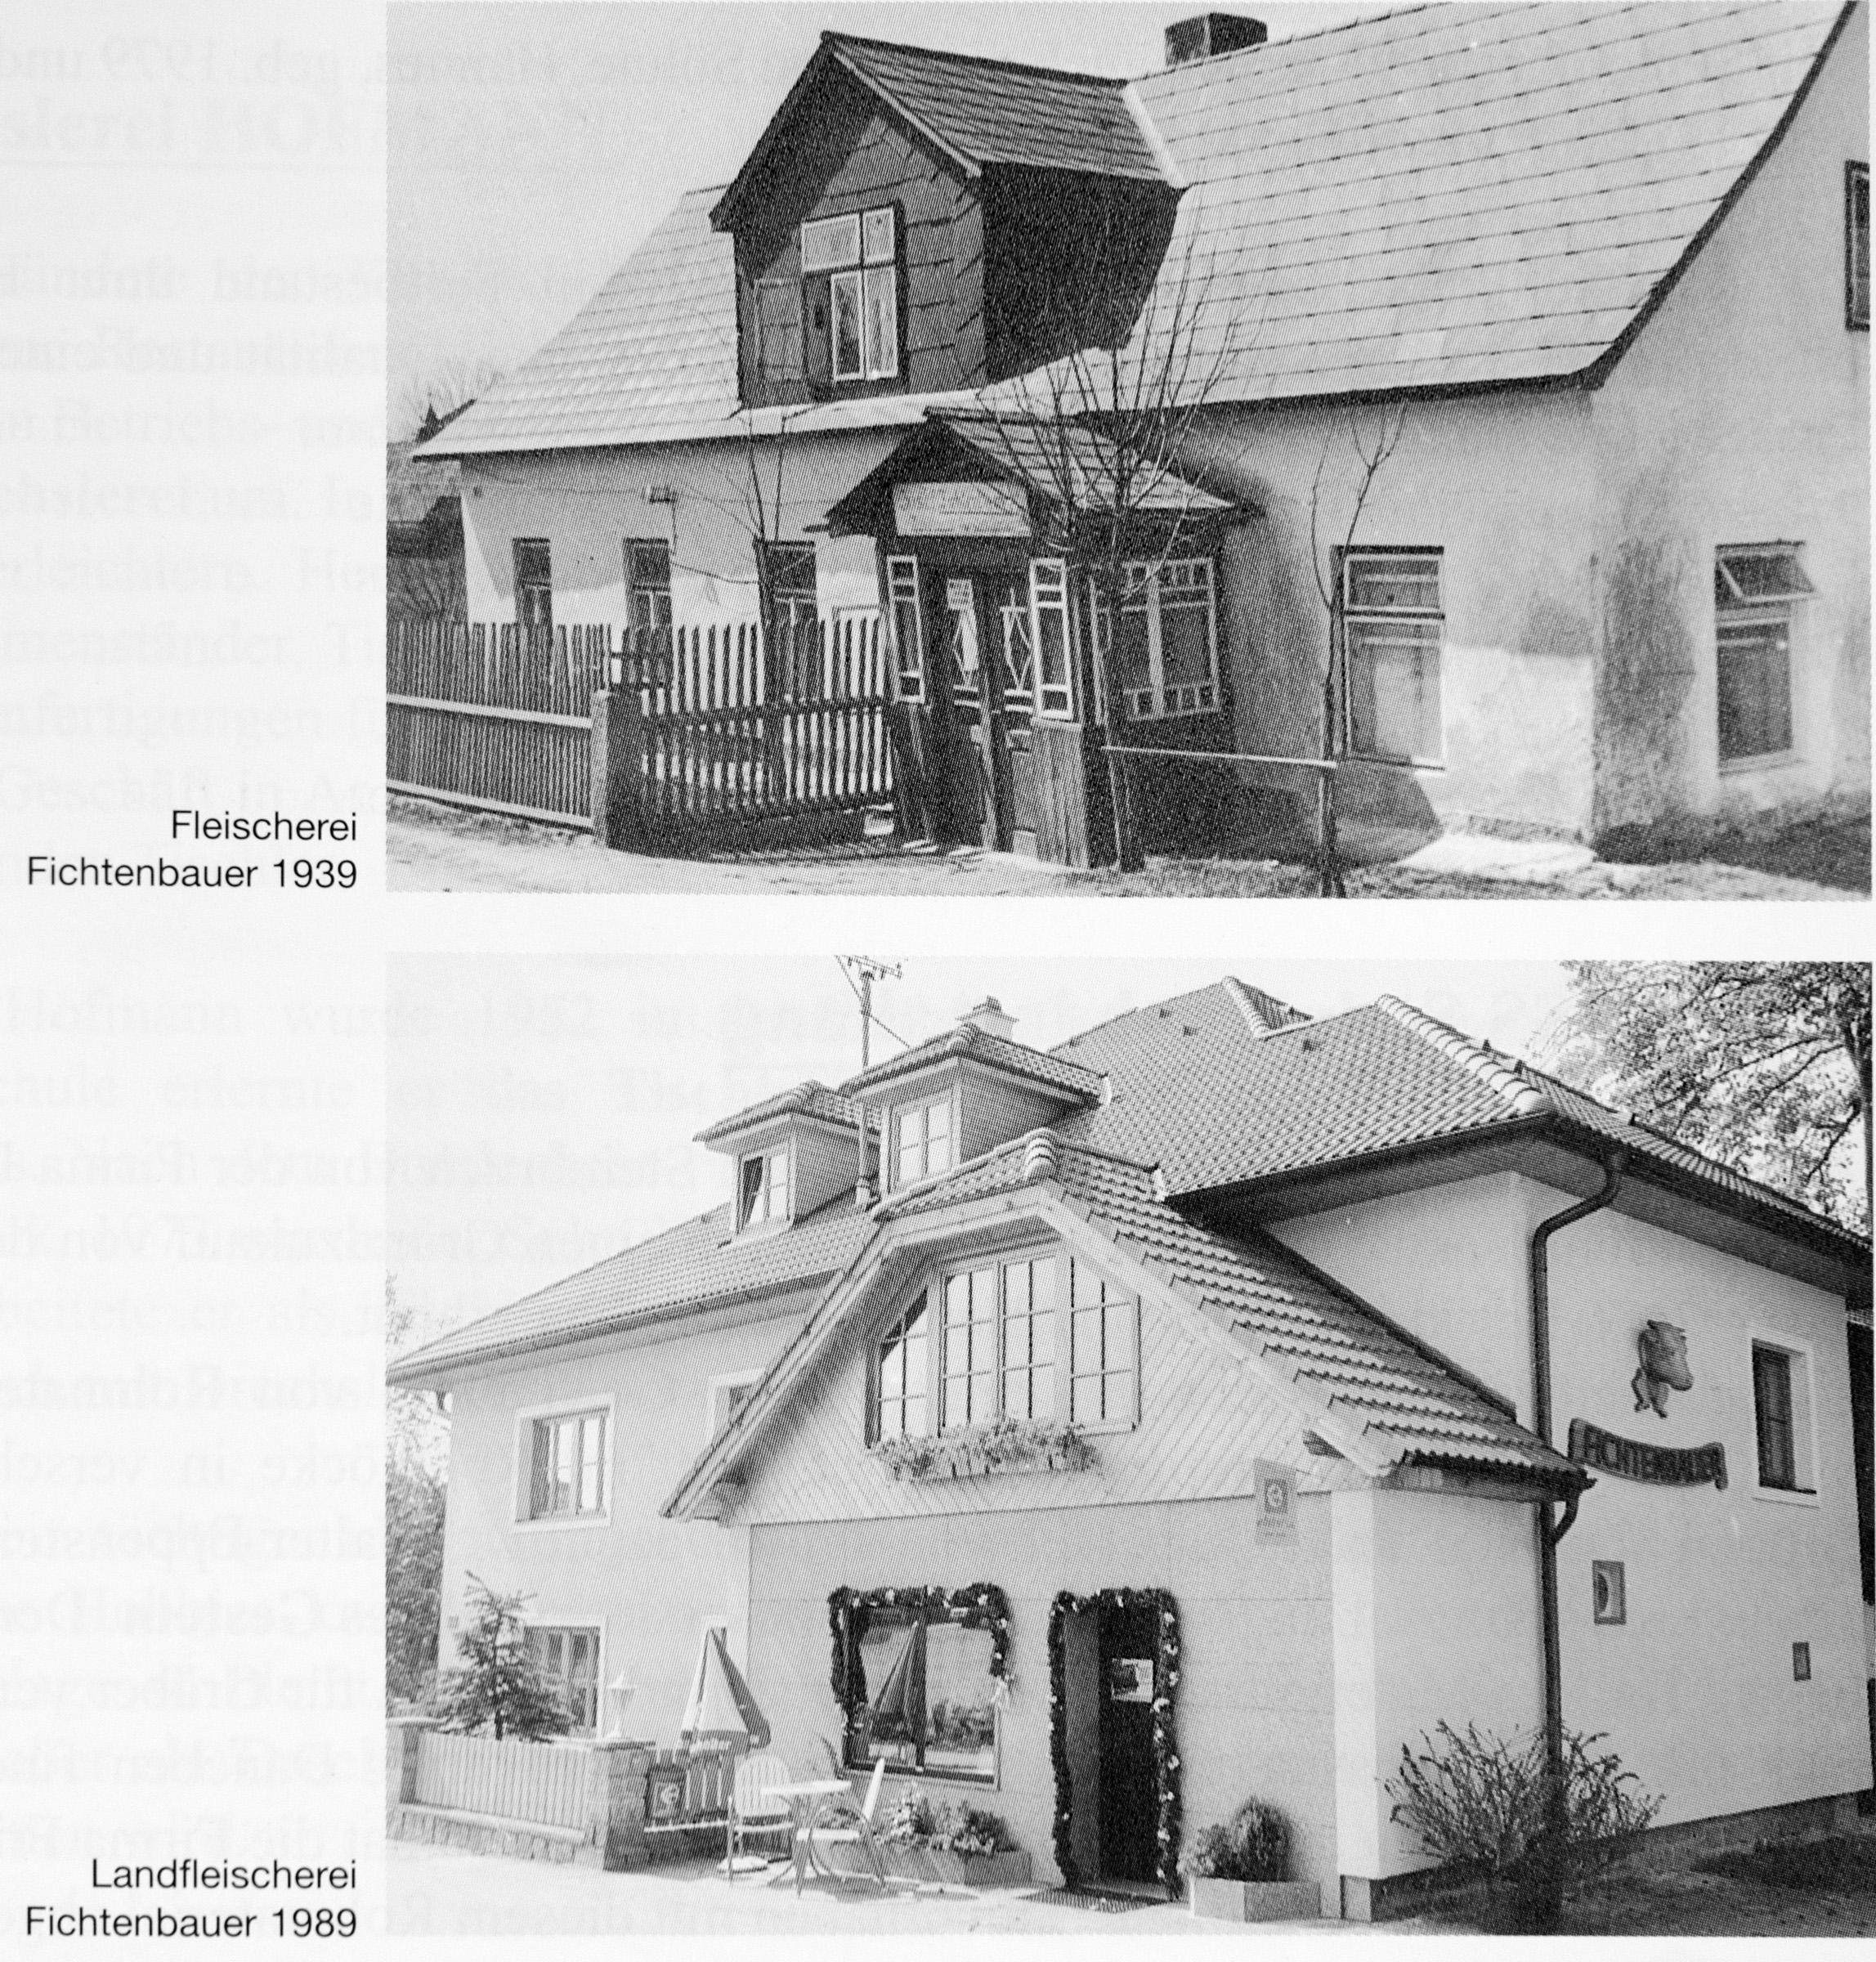 Fleischerei Fichtenbauer 1939, 1989 Schrems.jpg